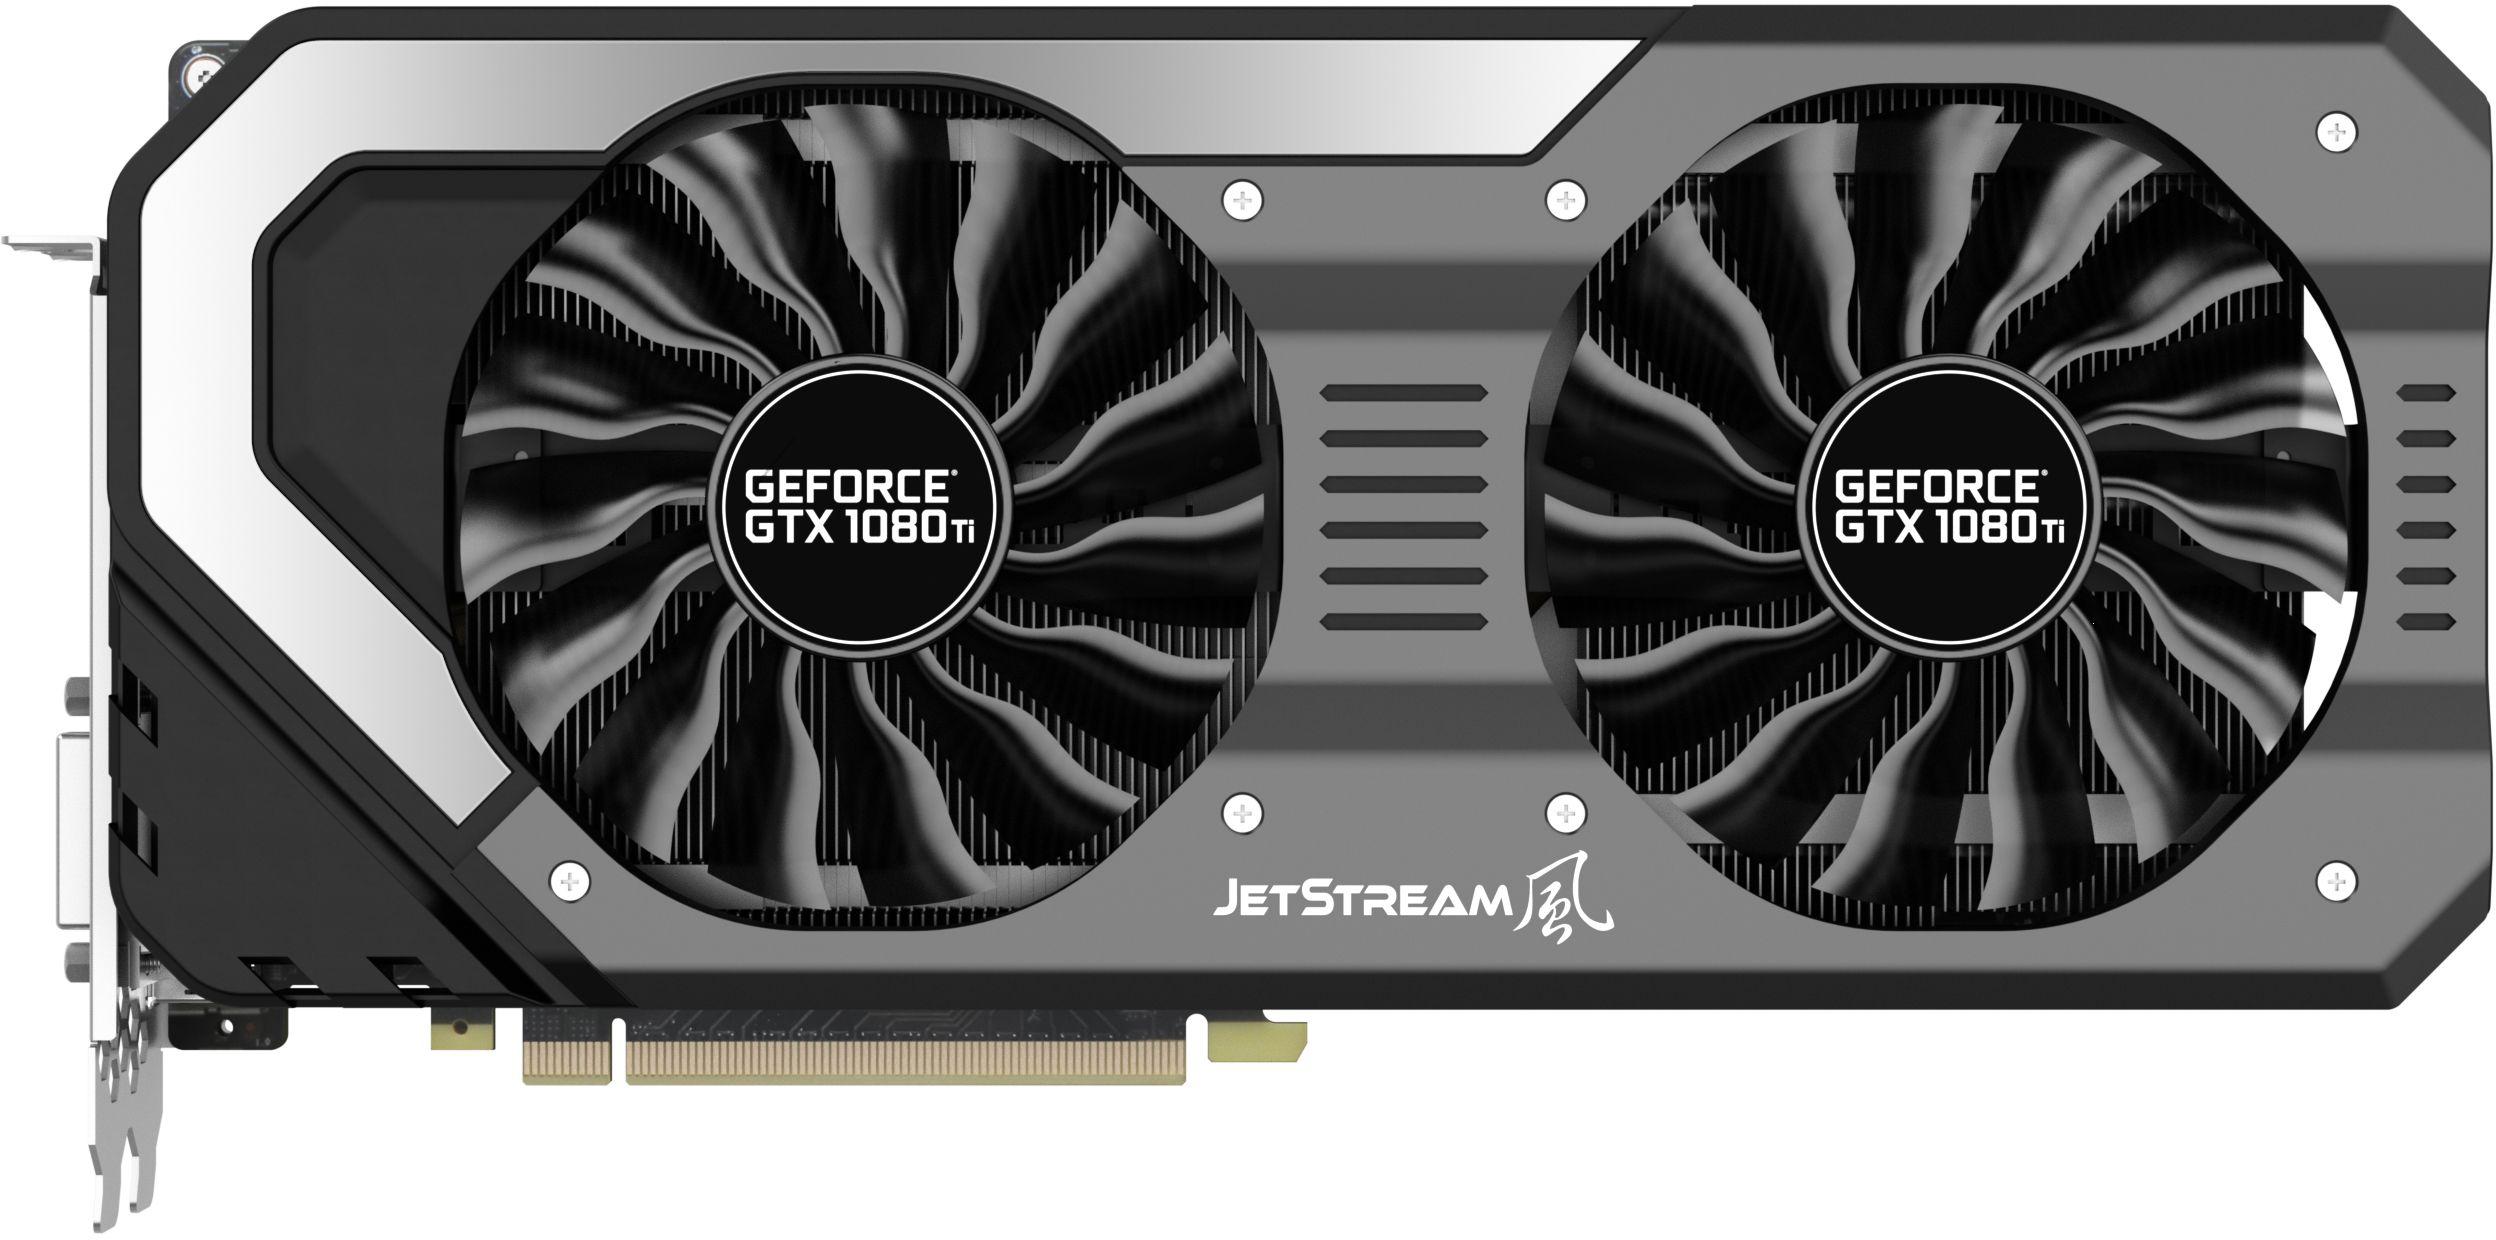 Kết quả hình ảnh cho VGA 1080TI 11G Palit  Jetstream 2 fan